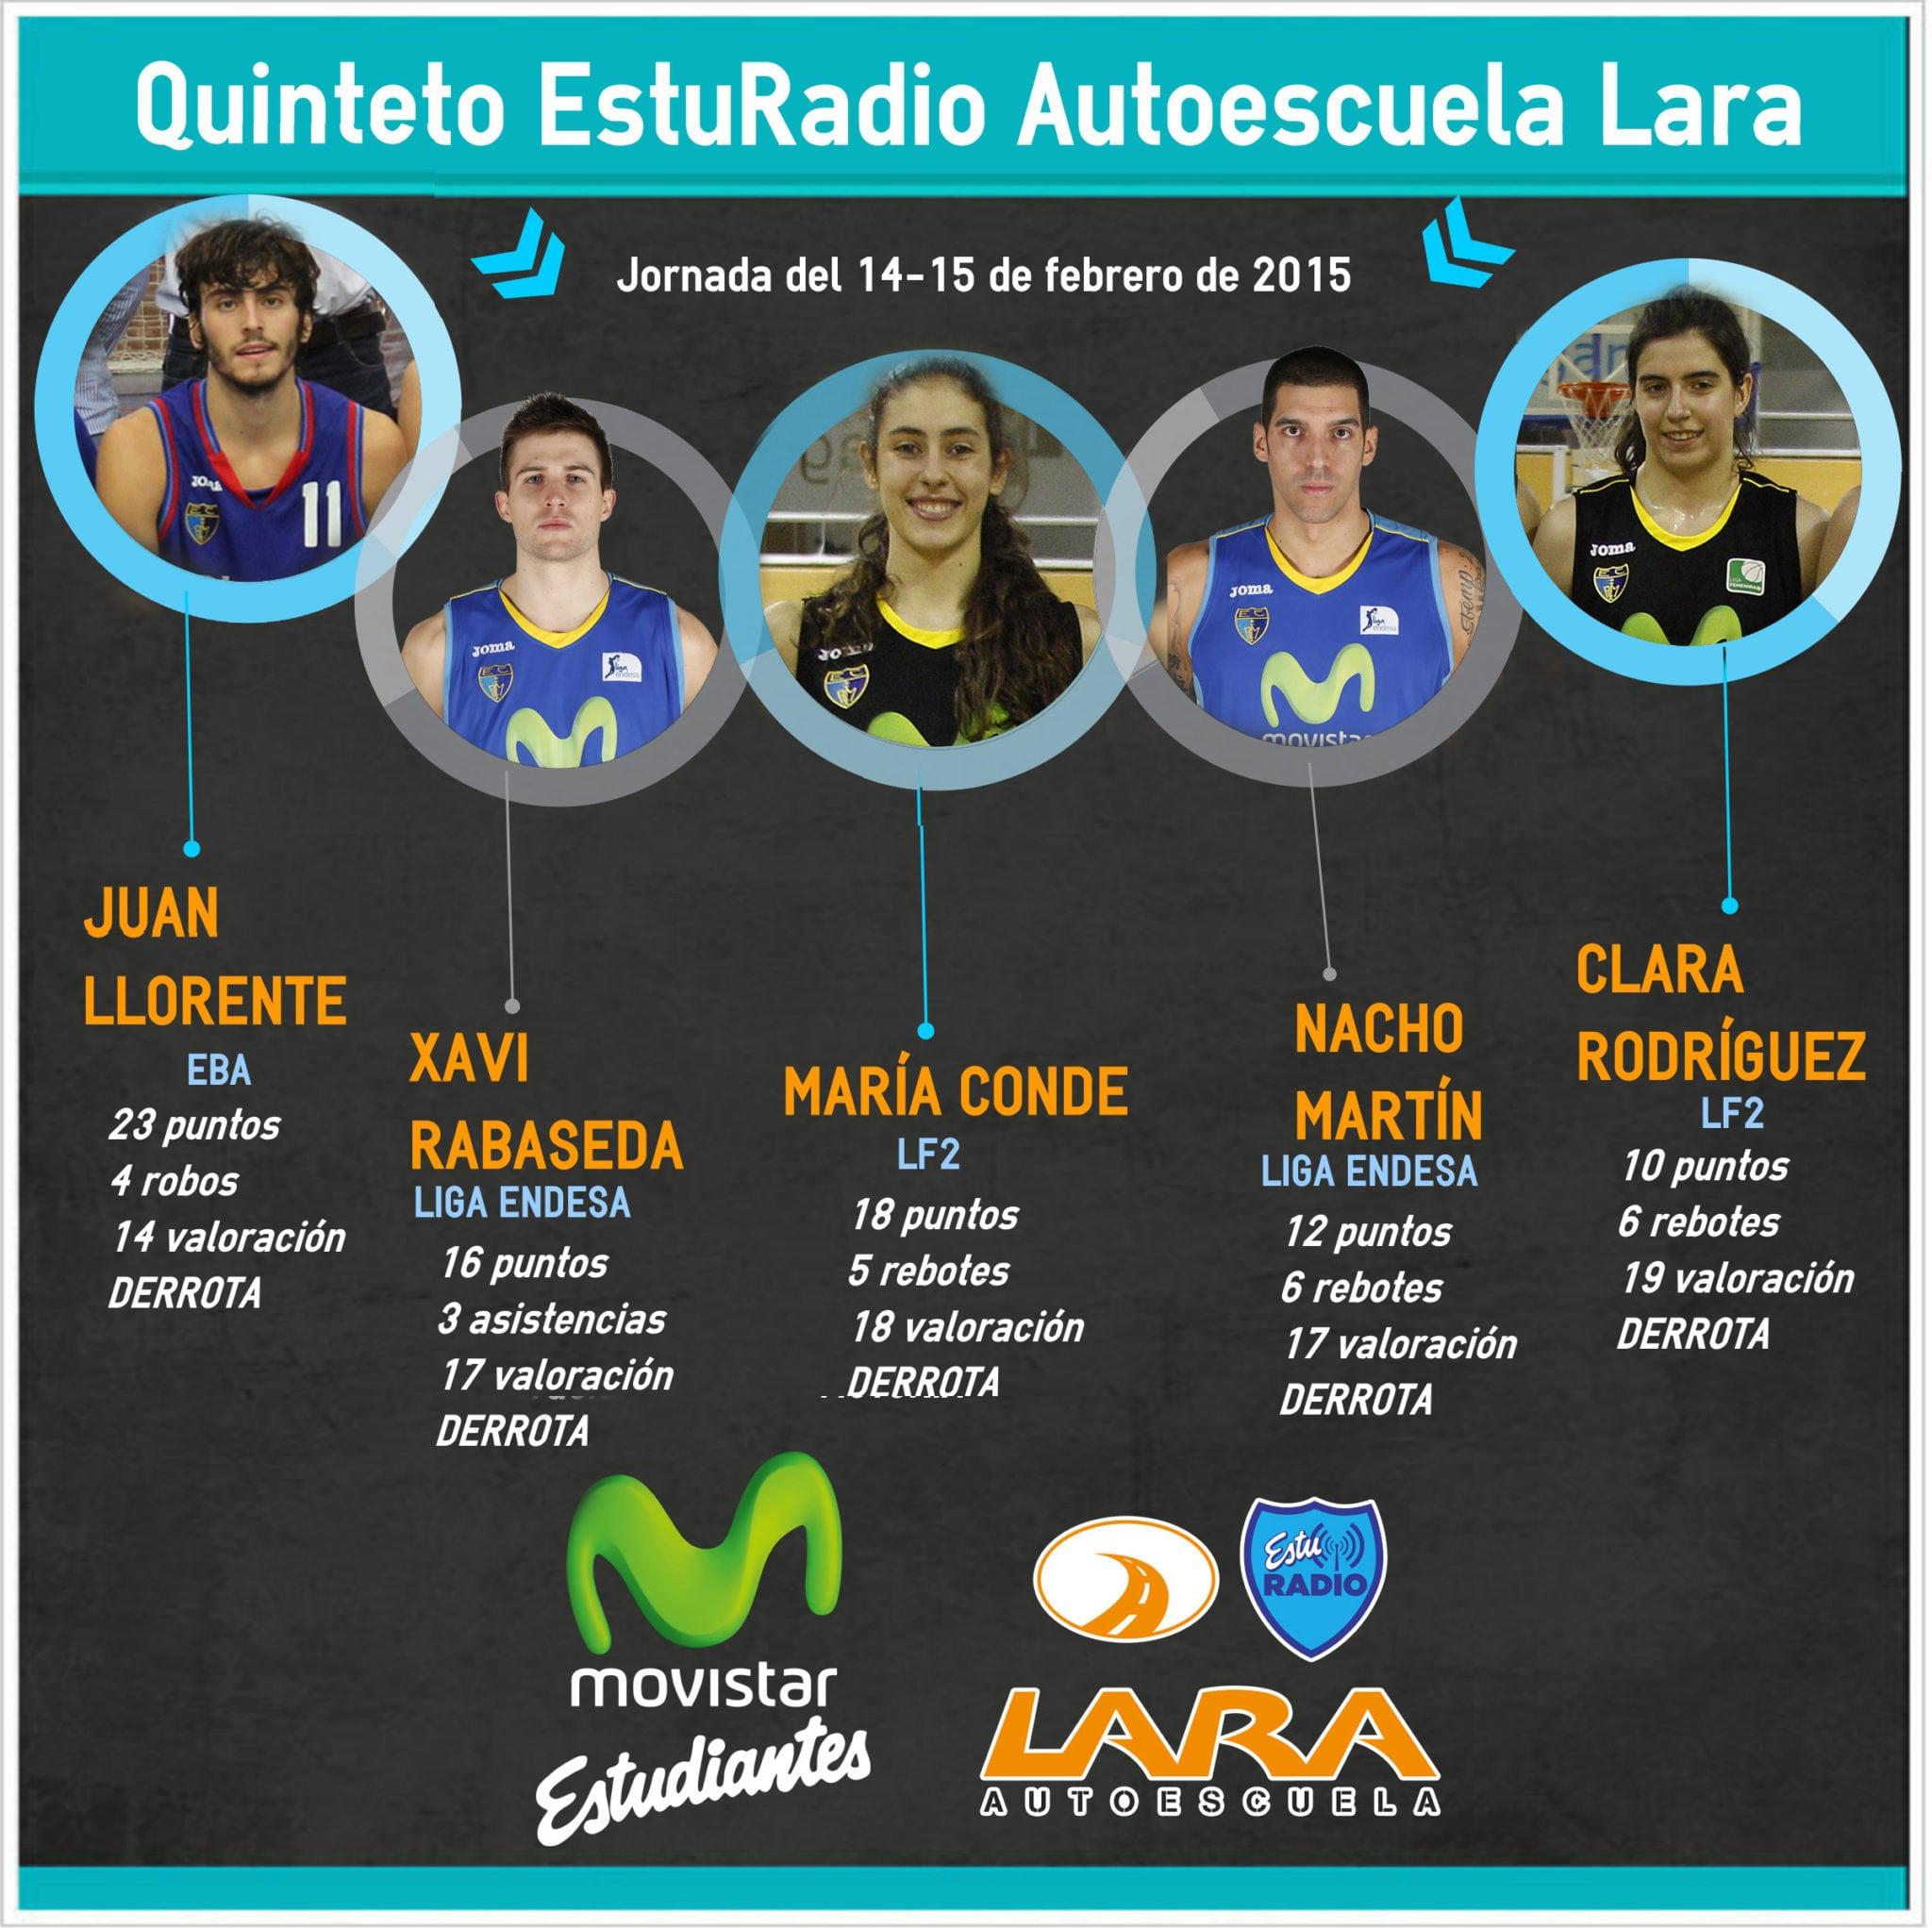 13º Quinteto Autoescuela Lara EstuRadio: Juan Llorente, Xavi Rabaseda, María Conde, Nacho Martín y Clara Rodríguez